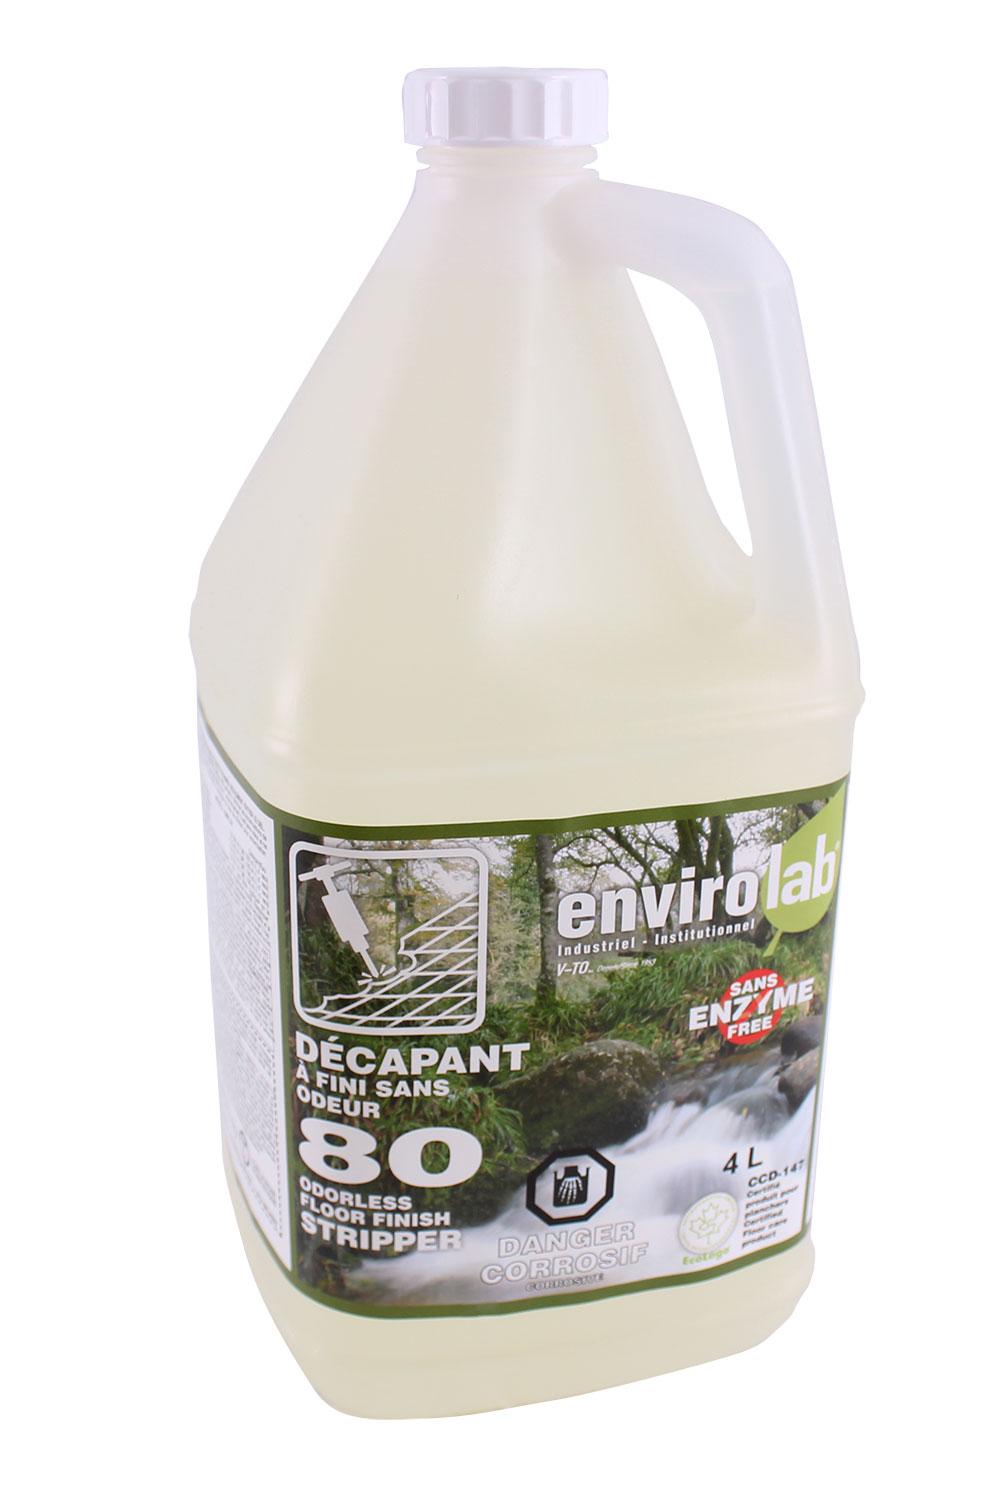 Envirolab 80 – Décapant à plancher, biodégradable